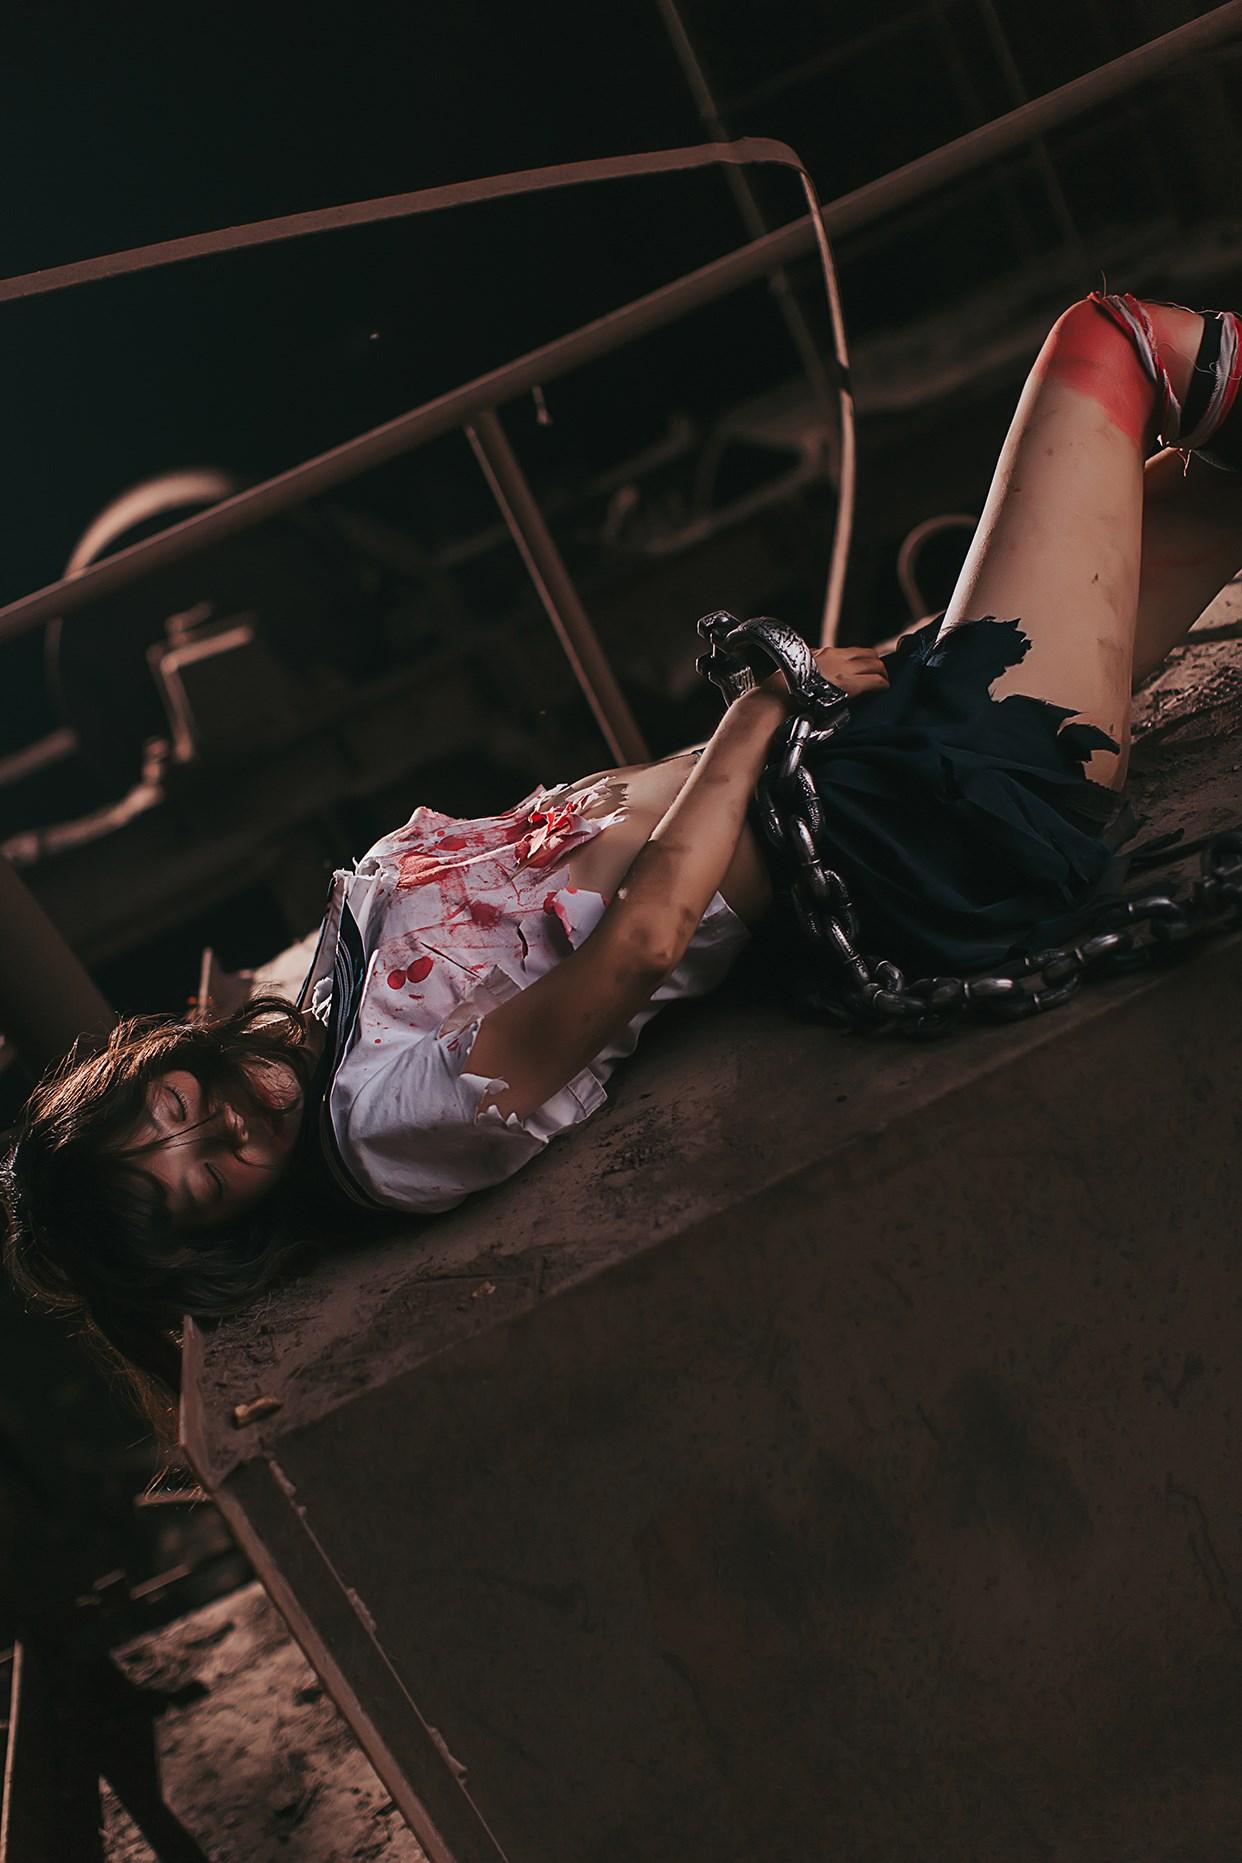 【兔玩映画】被囚禁的少女 兔玩映画 第44张